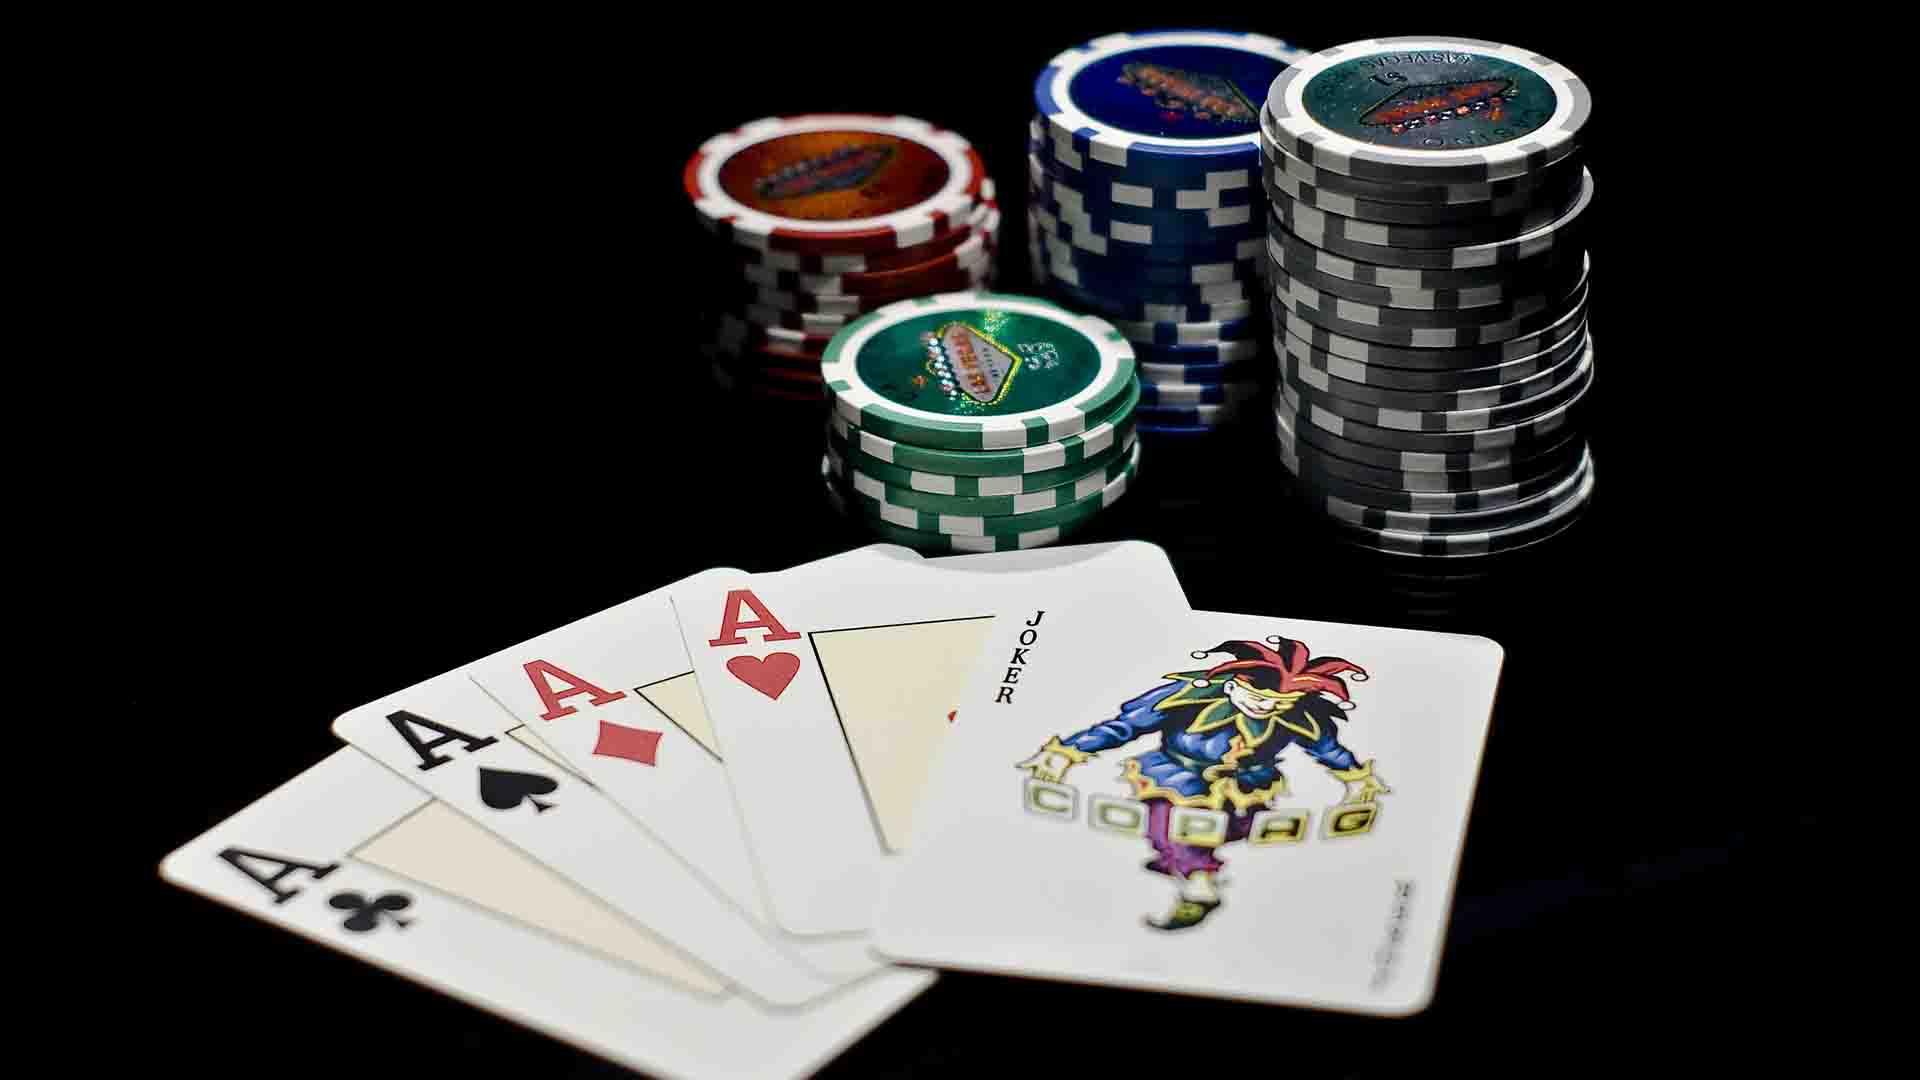 Anjuran dan Larangan dari Perjudian Poker Online